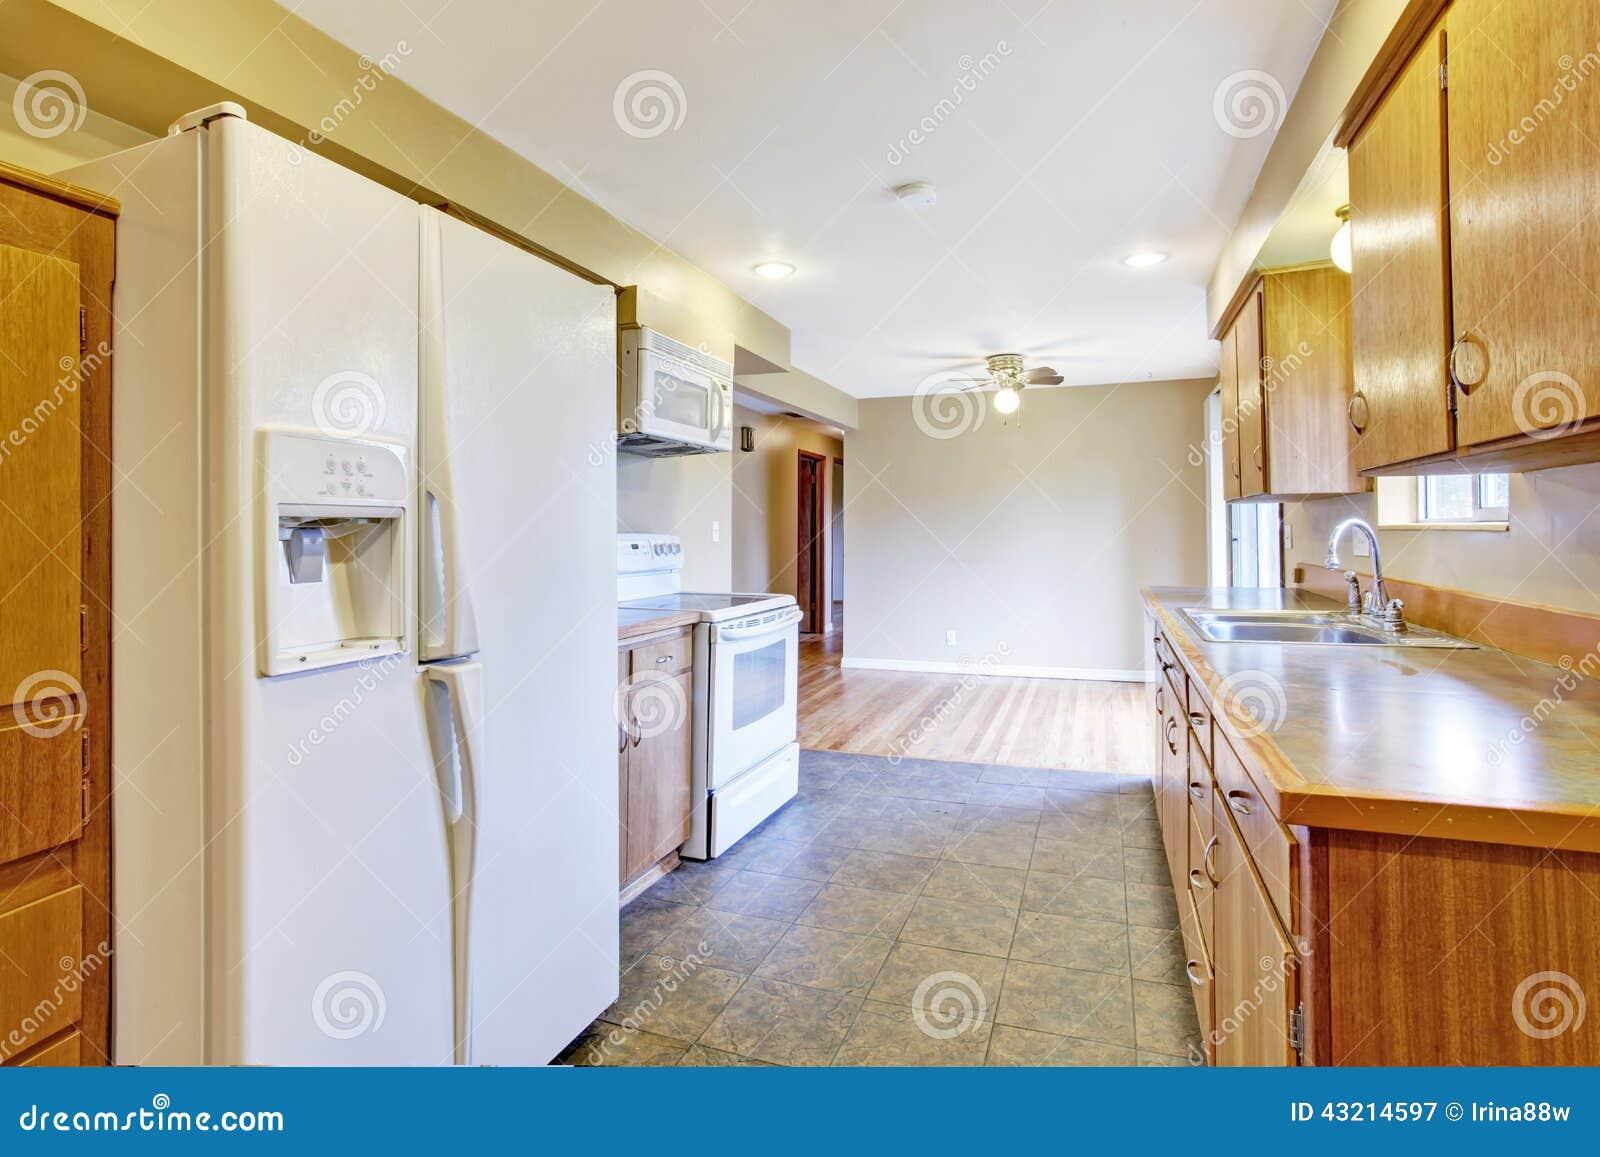 #854212 Mais imagens similares de ` Interior da cozinha com o espaço para  1300x957 px Planos De Armários De Cozinha_993 Imagens